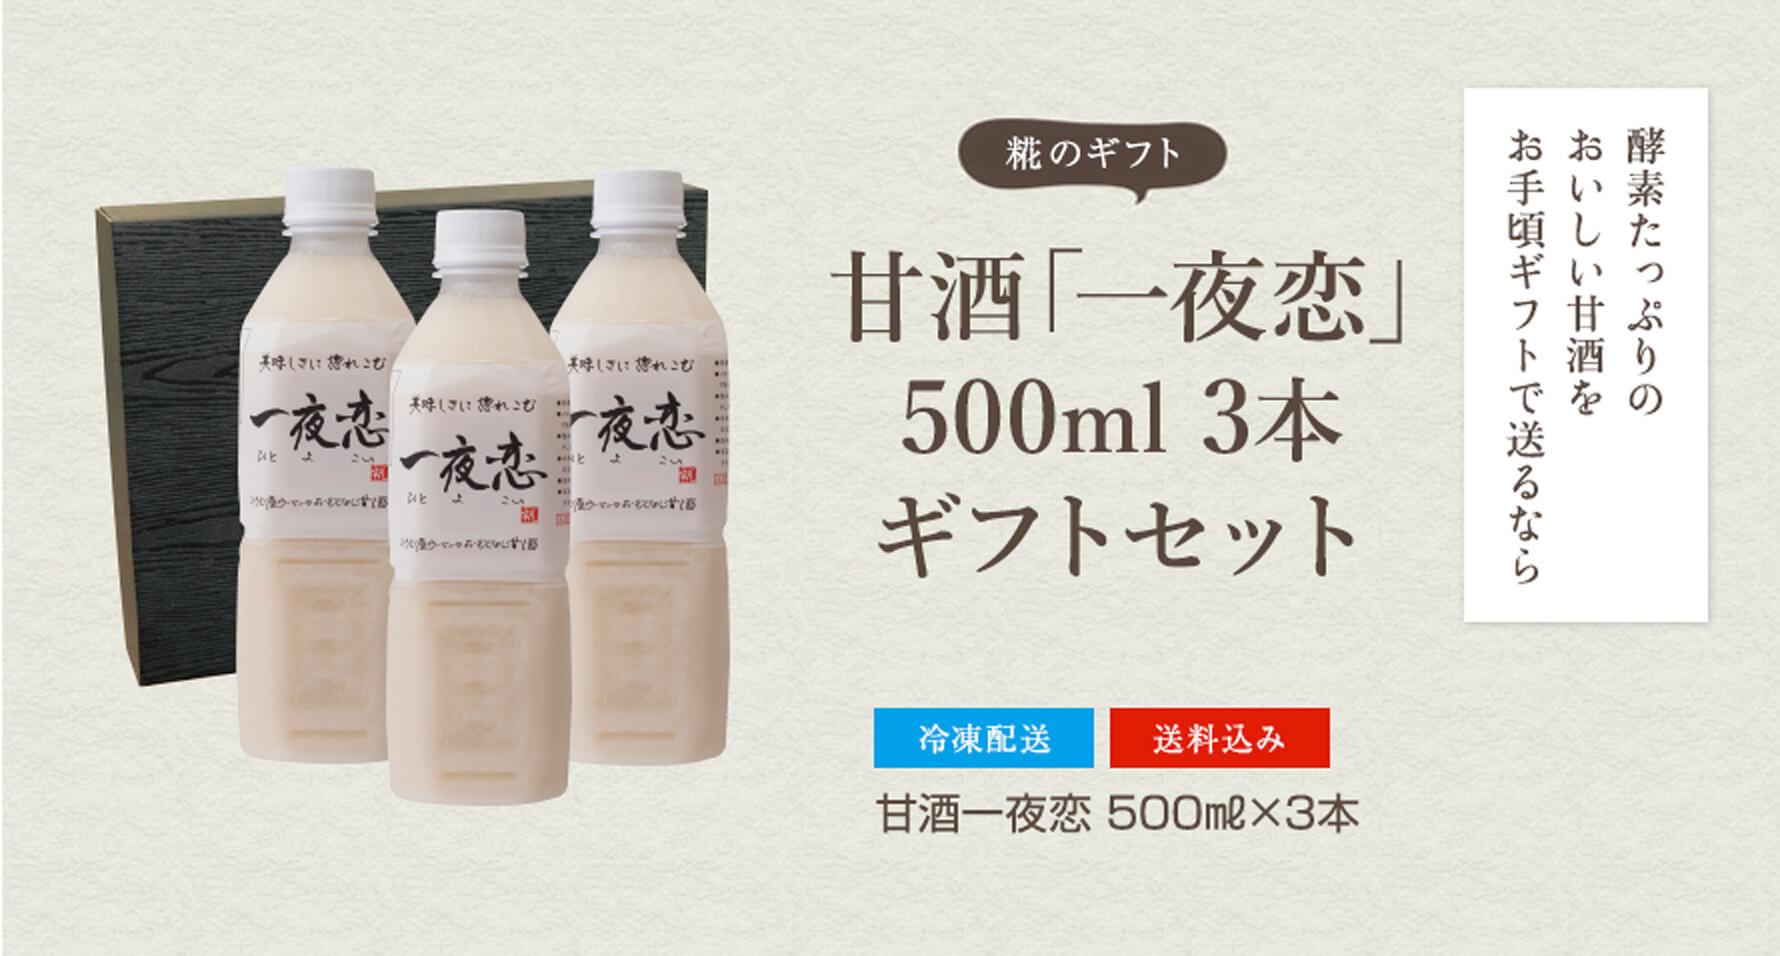 甘酒「一夜恋」500ml3本ギフトセット